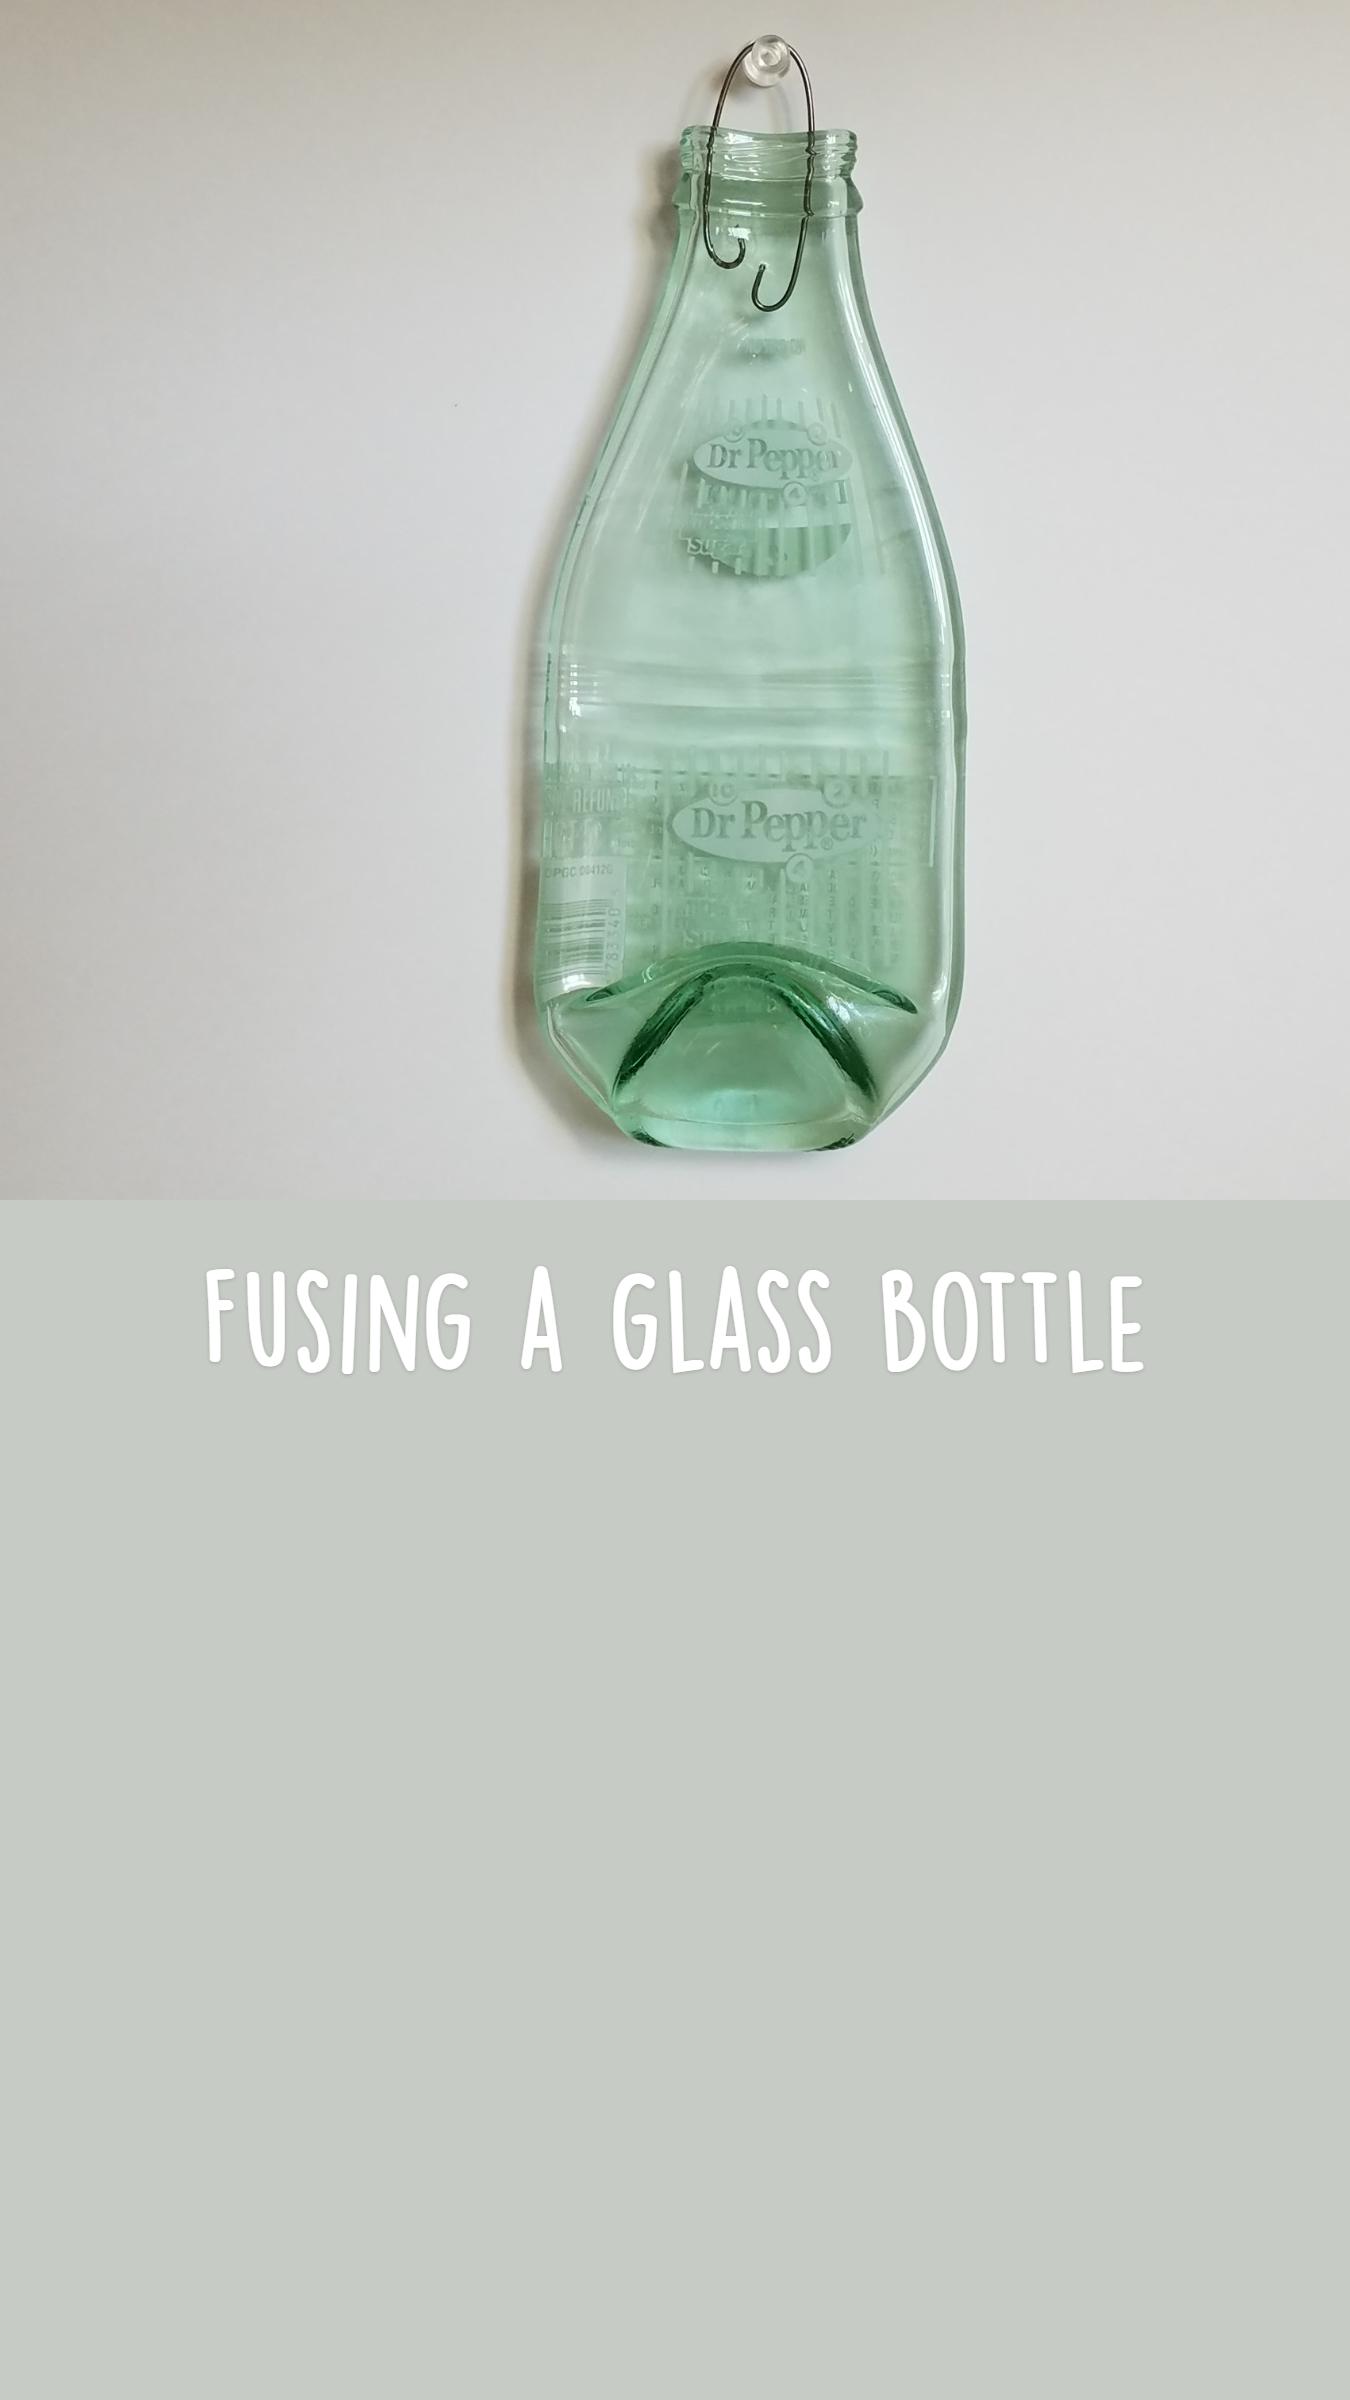 Fusing a glass bottle